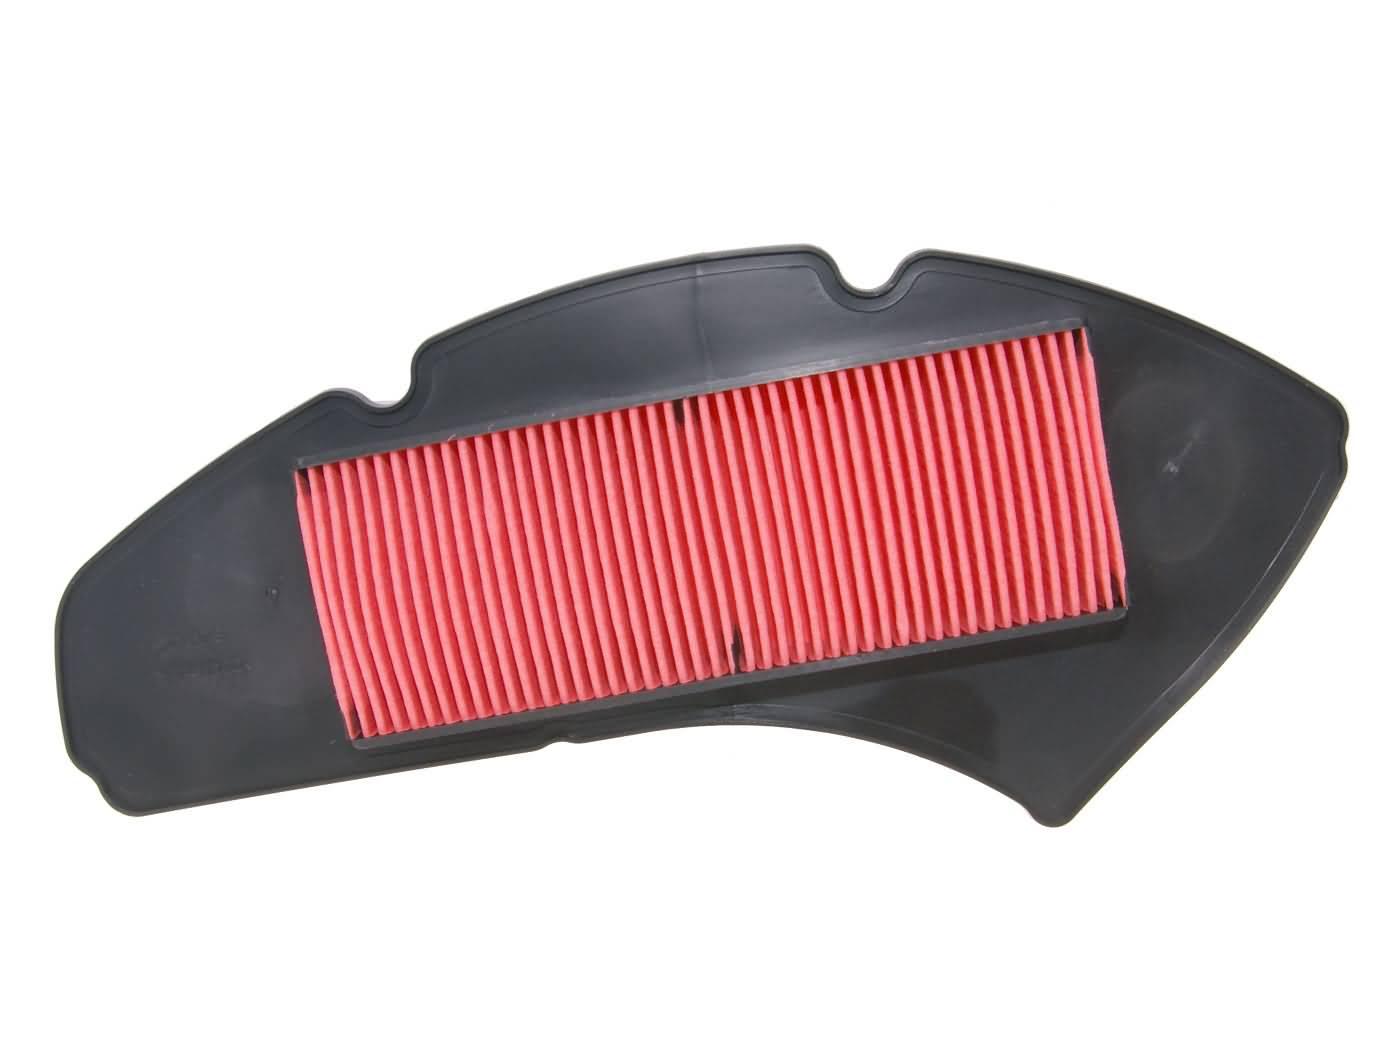 Luftfilter Einsatz für Yamaha Nmax 125i